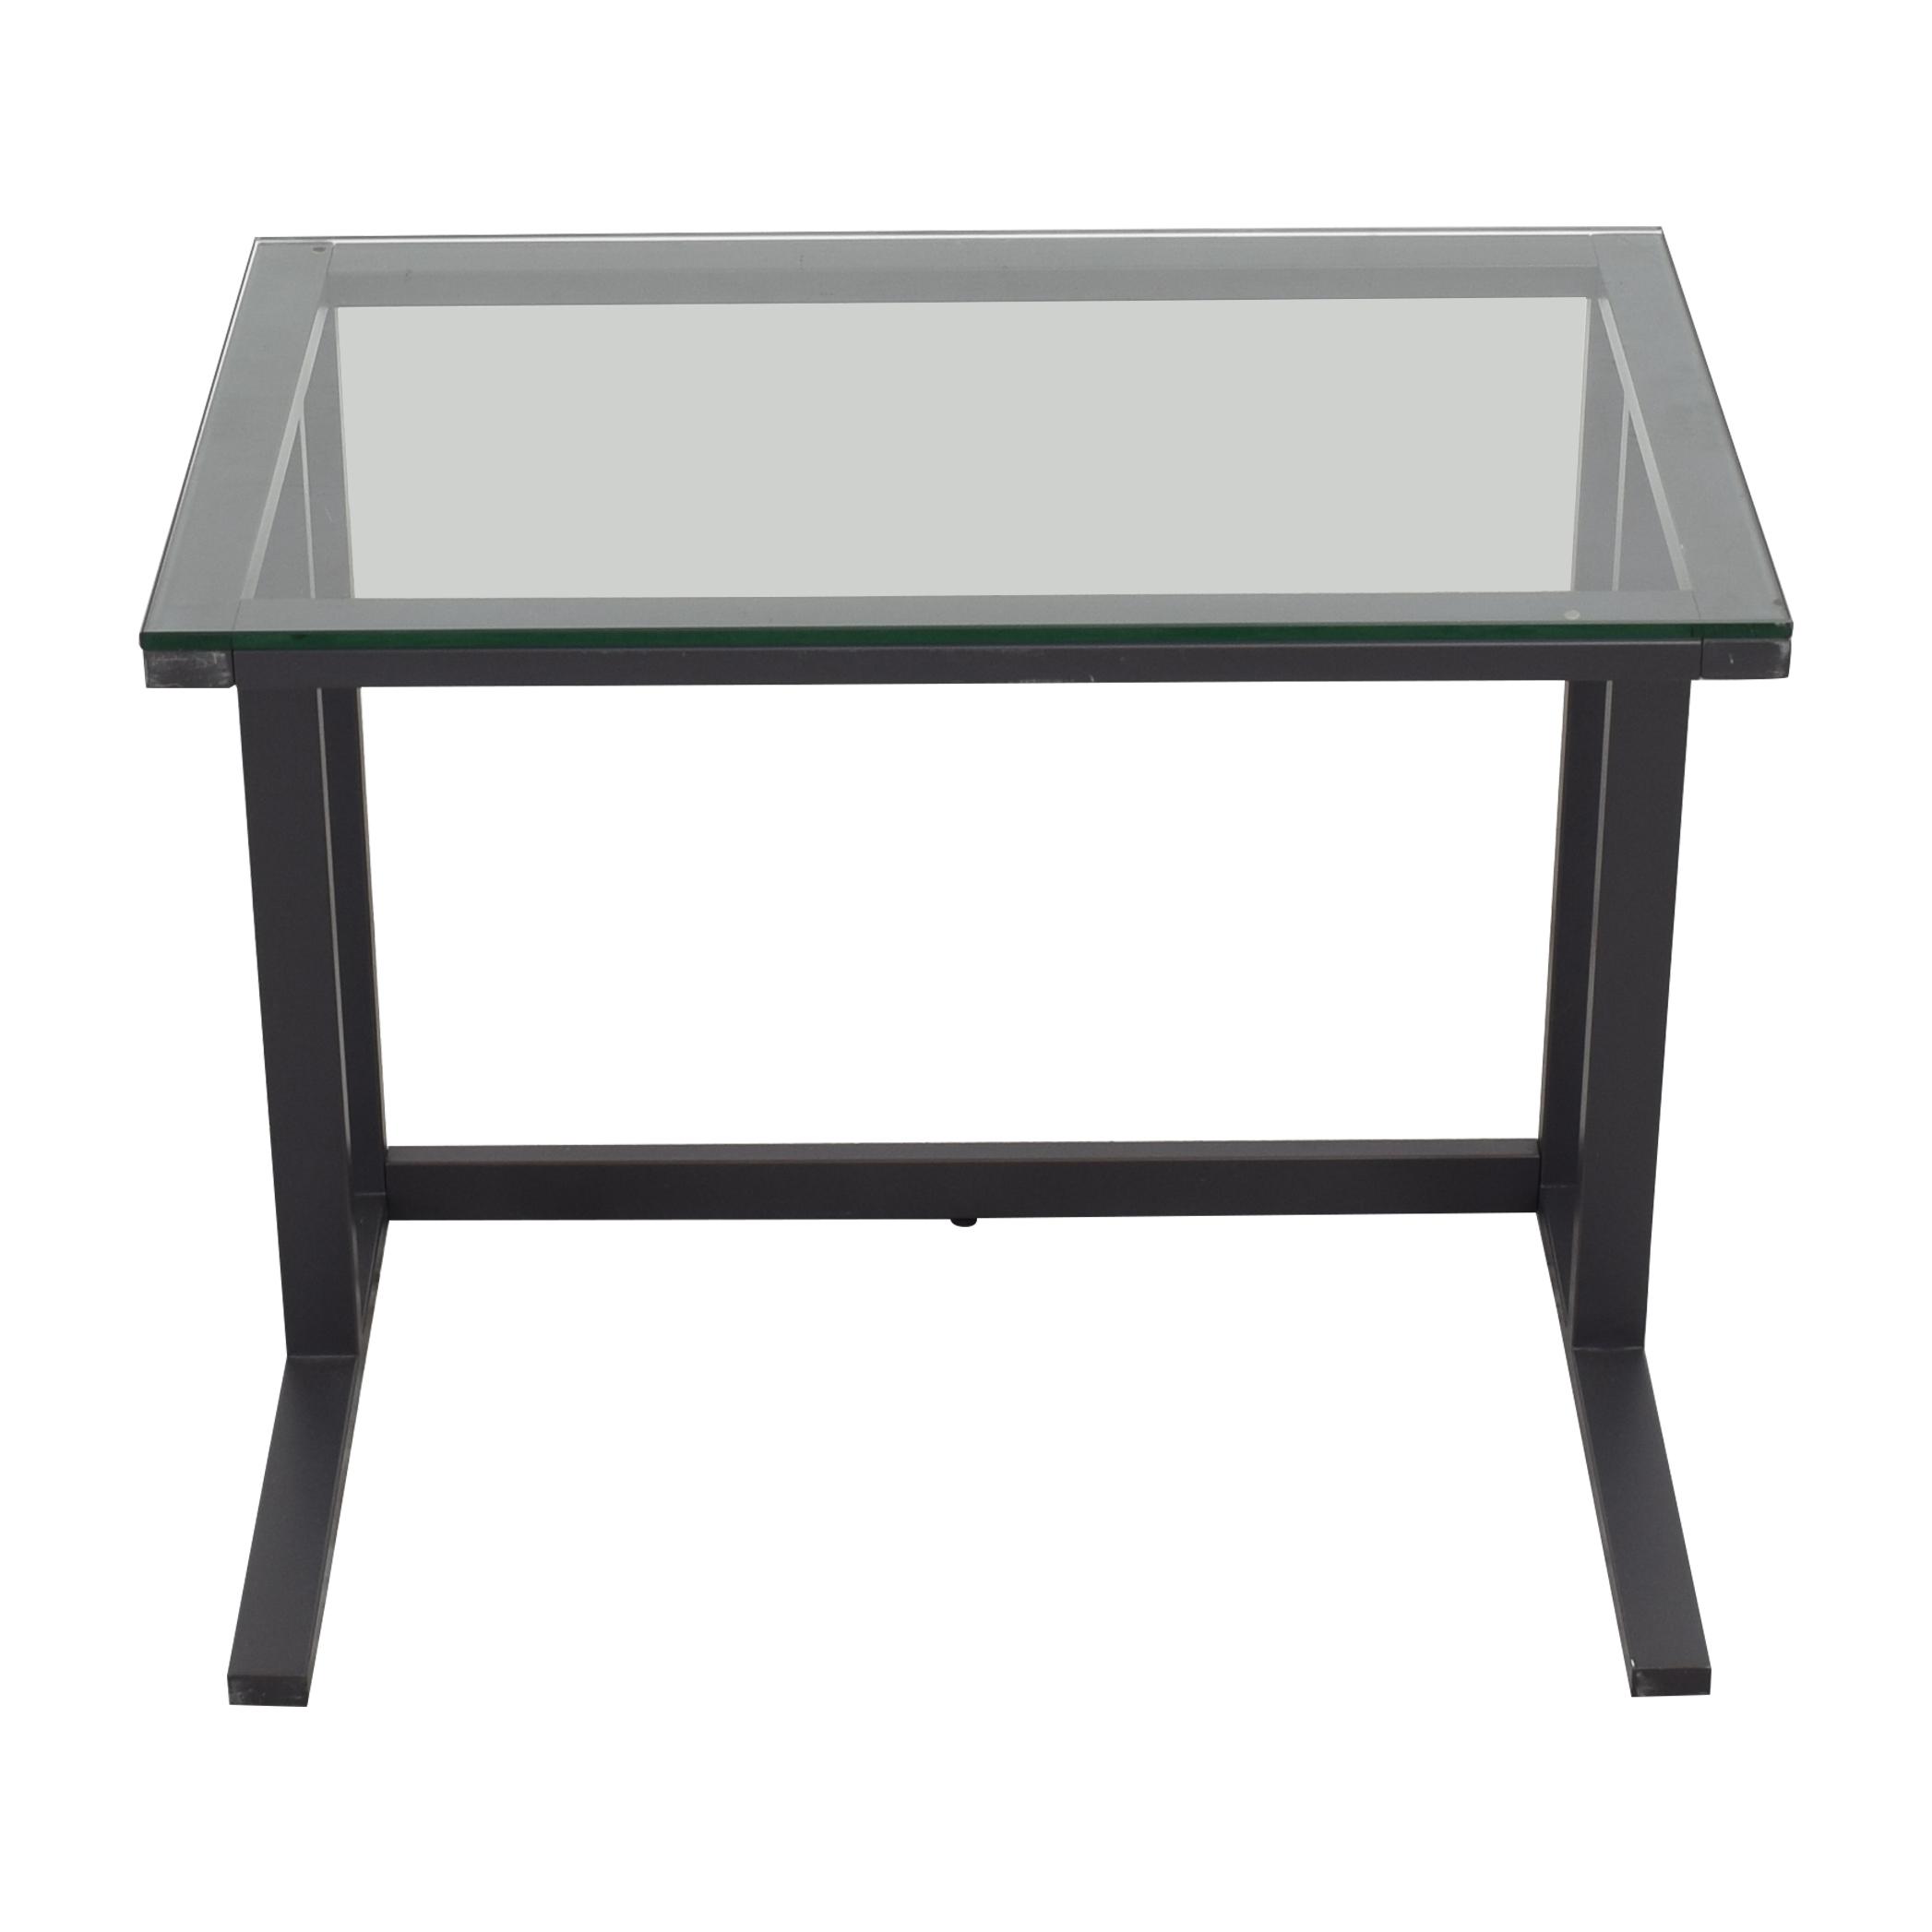 Crate & Barrel Crate & Barrel Glass Top Desk pa